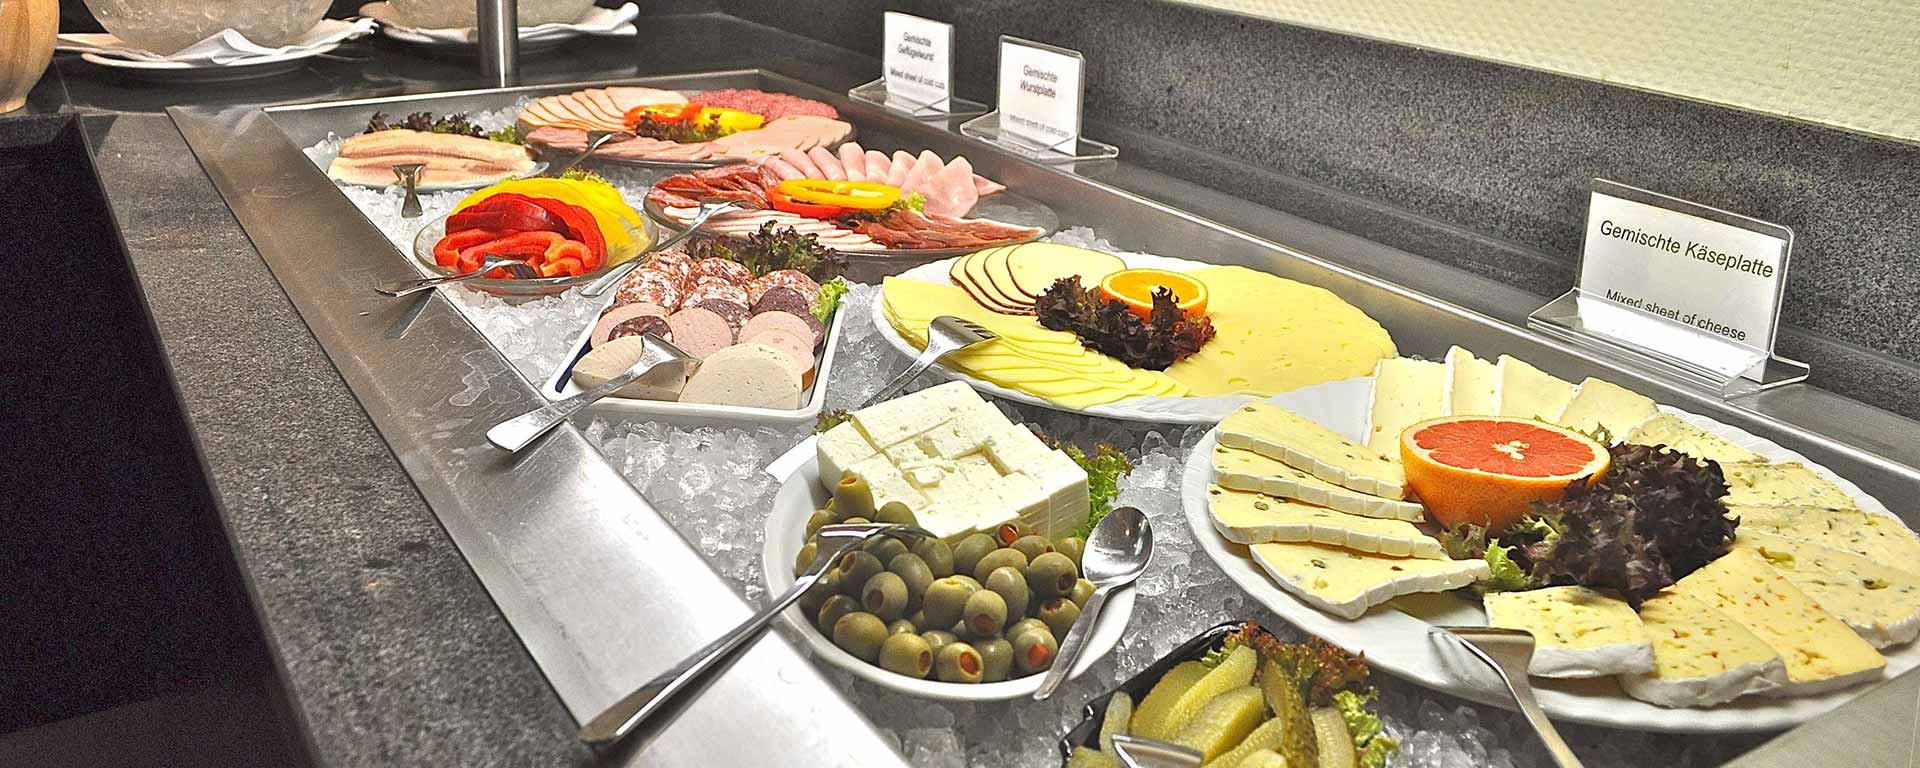 SAVOY Hotel Frankfurt Breakfast auch für unsere Ausserhaus-Gäste